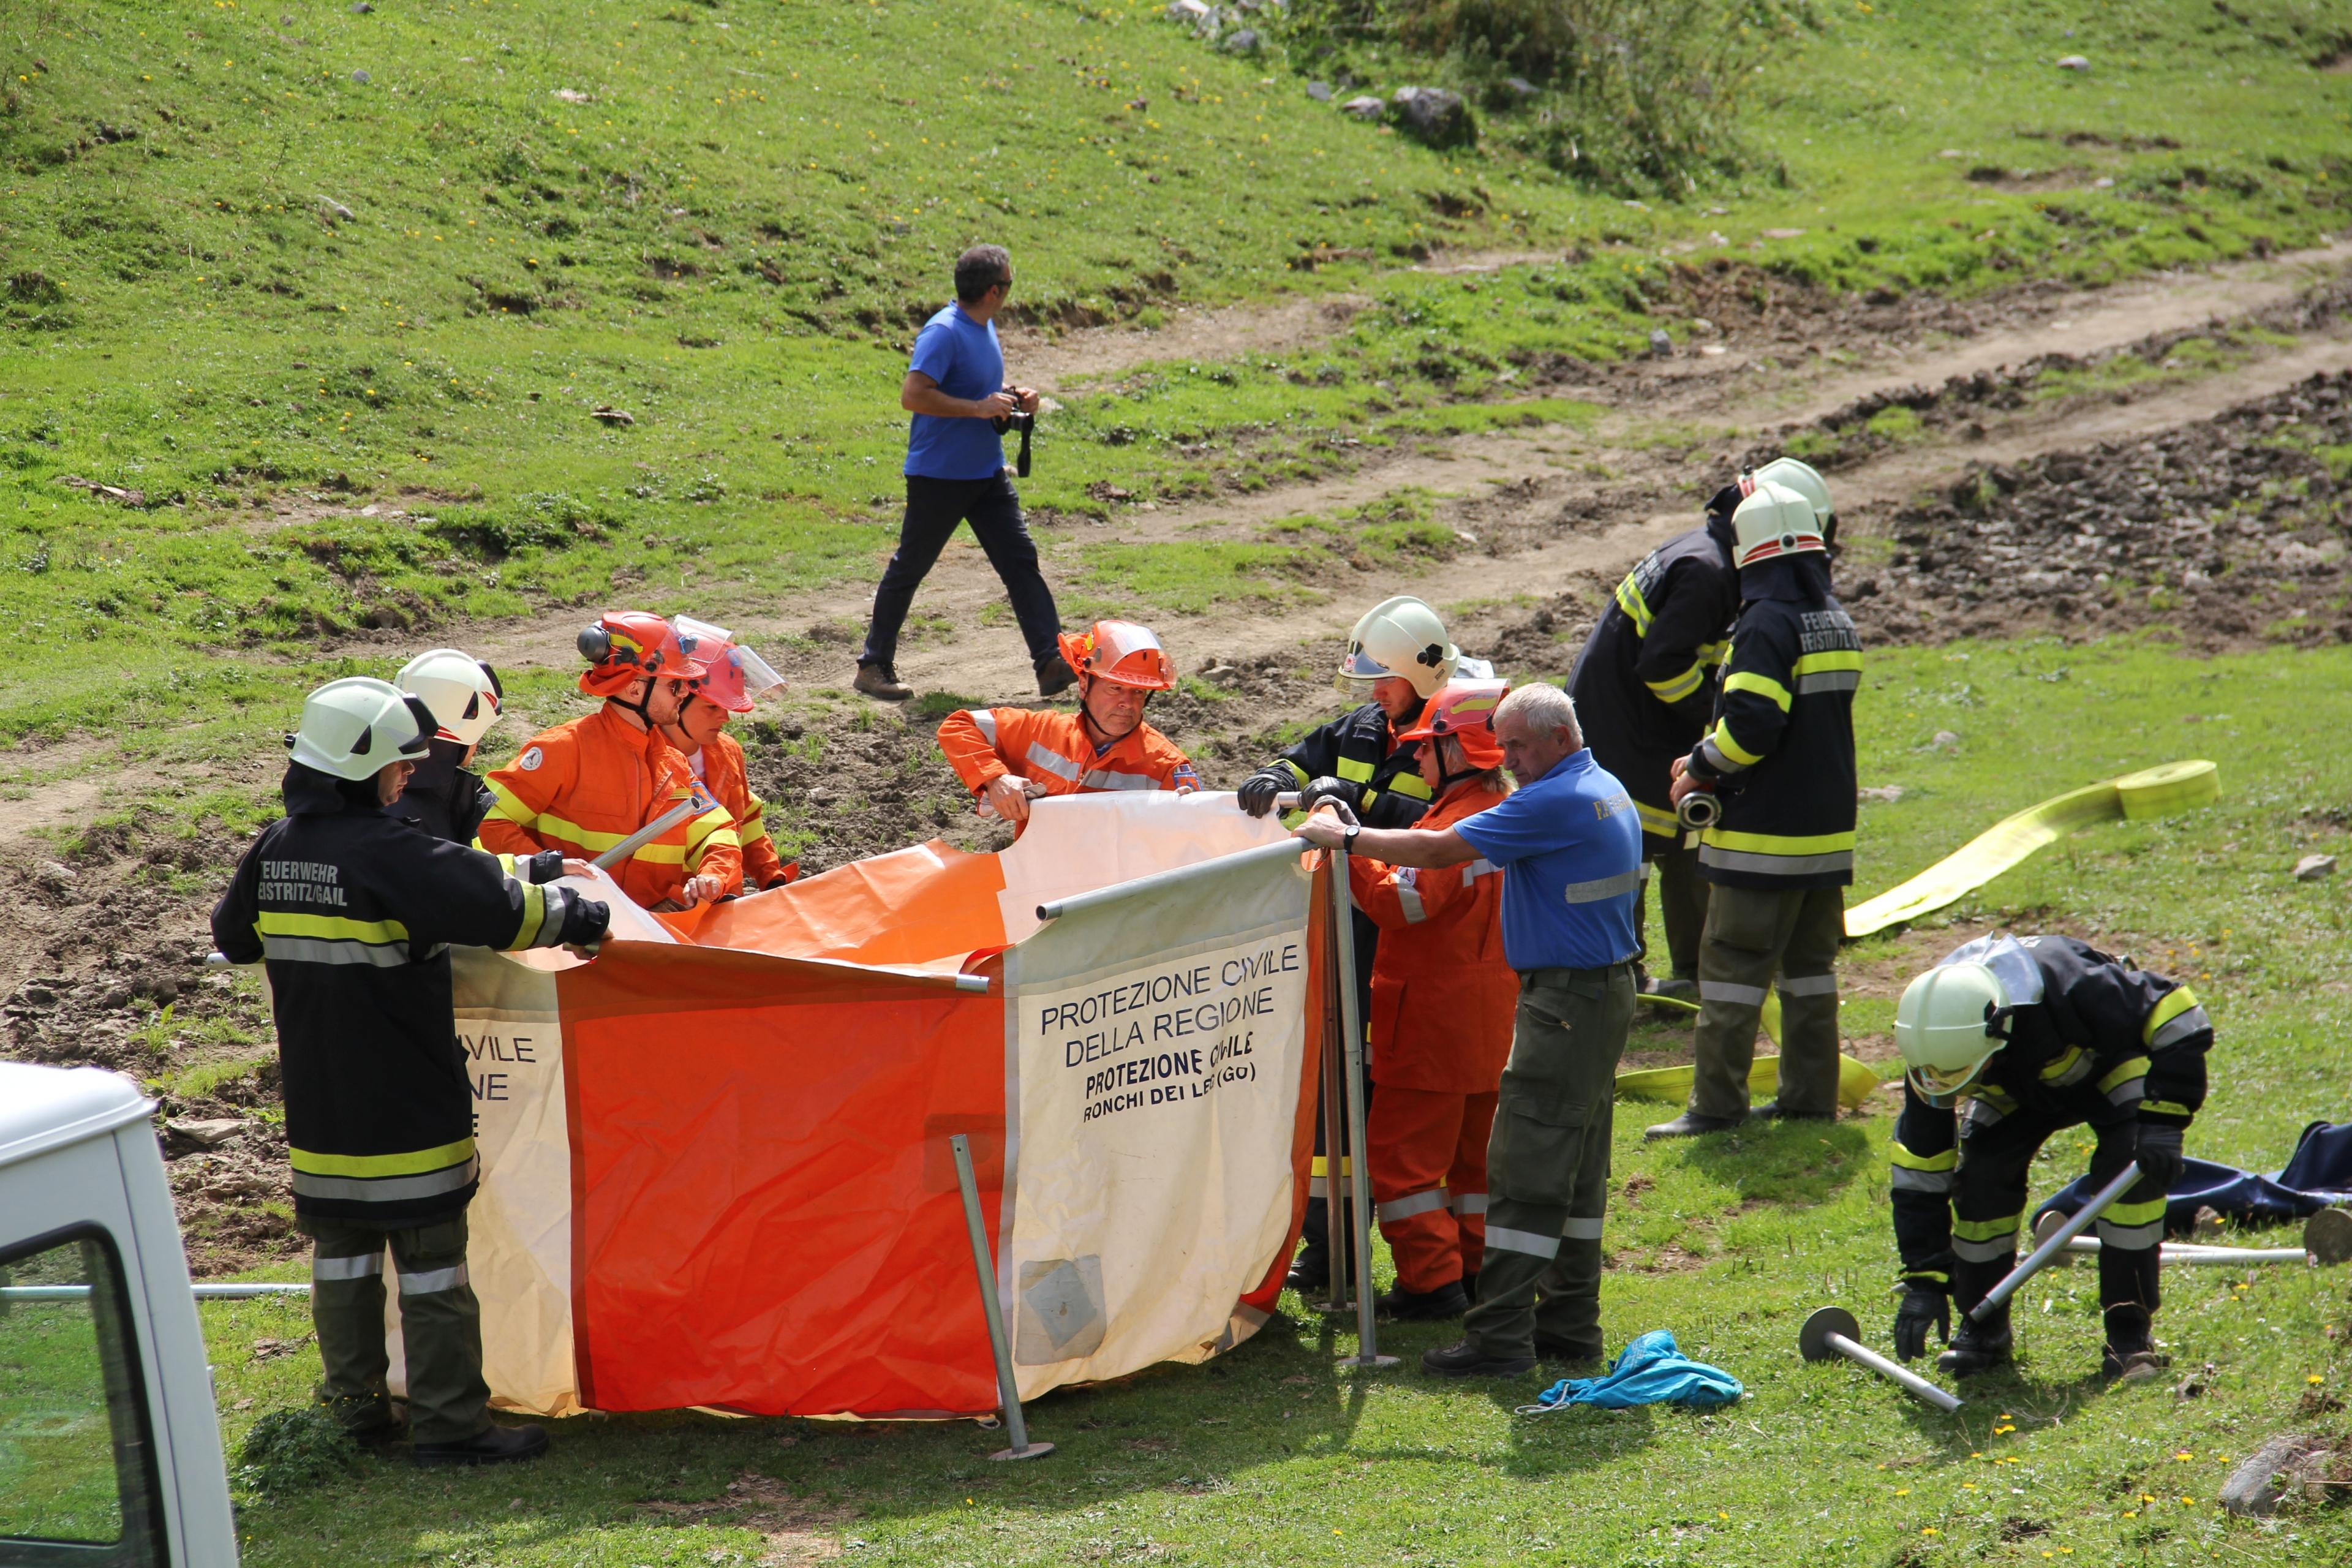 REPORTAGE - 40 anni di amicizia transfrontaliera: i Pompieri Volontari di Ugovizza e i Freiwillige Feuerwehr di Vordeberg | Emergency Live 4